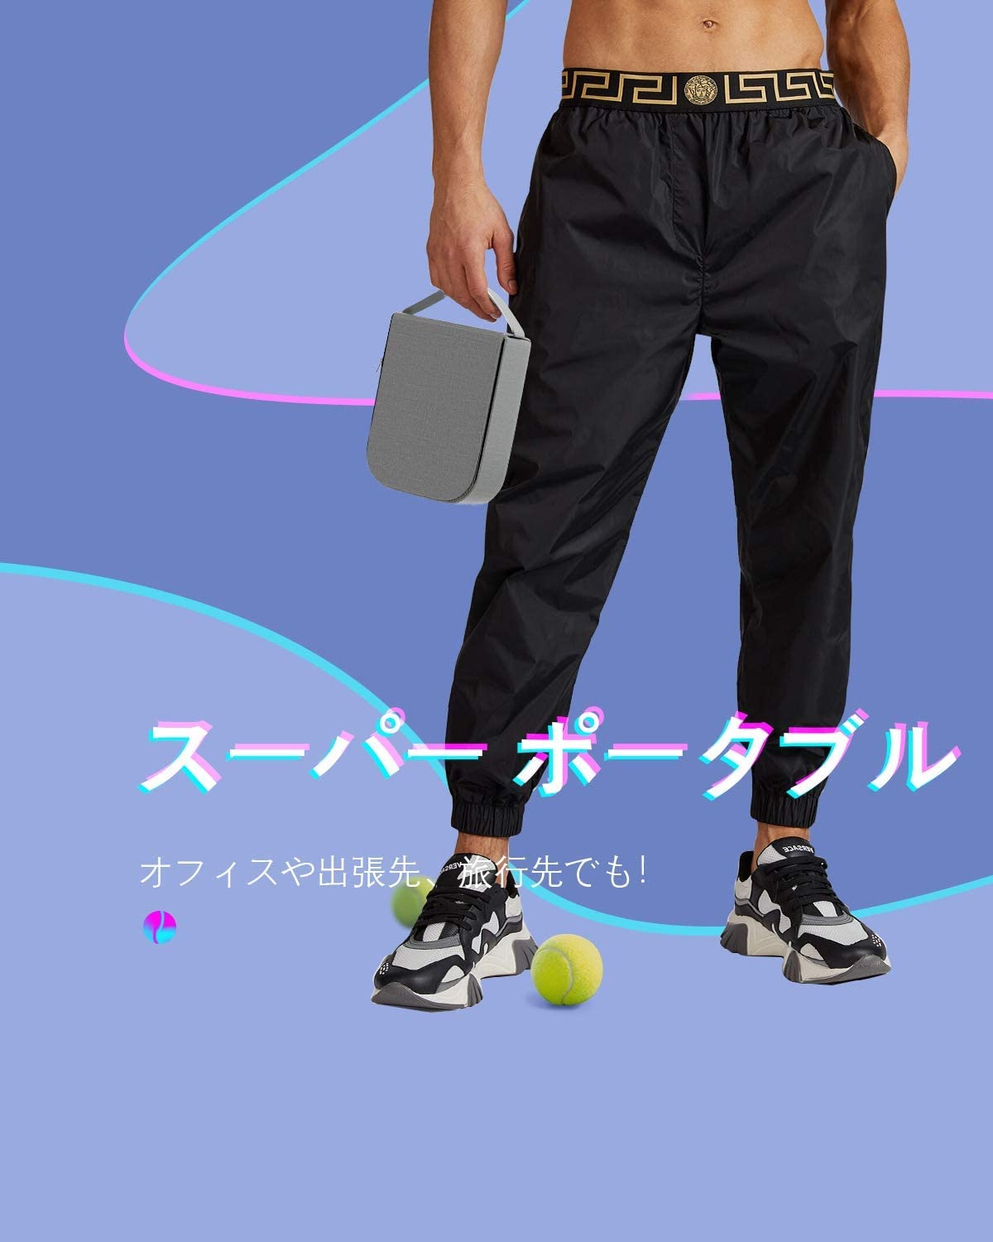 YABER(ヤーバー) 電動ドリル リカバリーボールの商品画像6